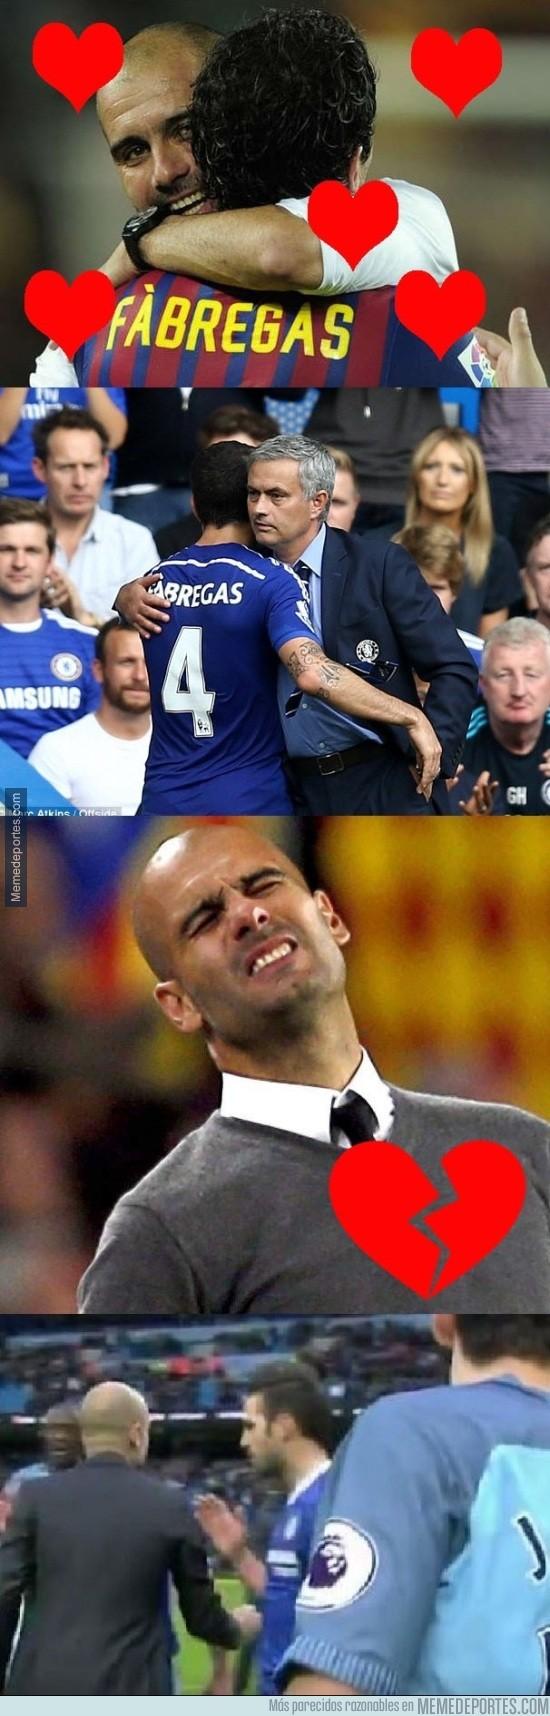 929912 - ¿Por qué Guardiola le negó el saludo a Fabregas?